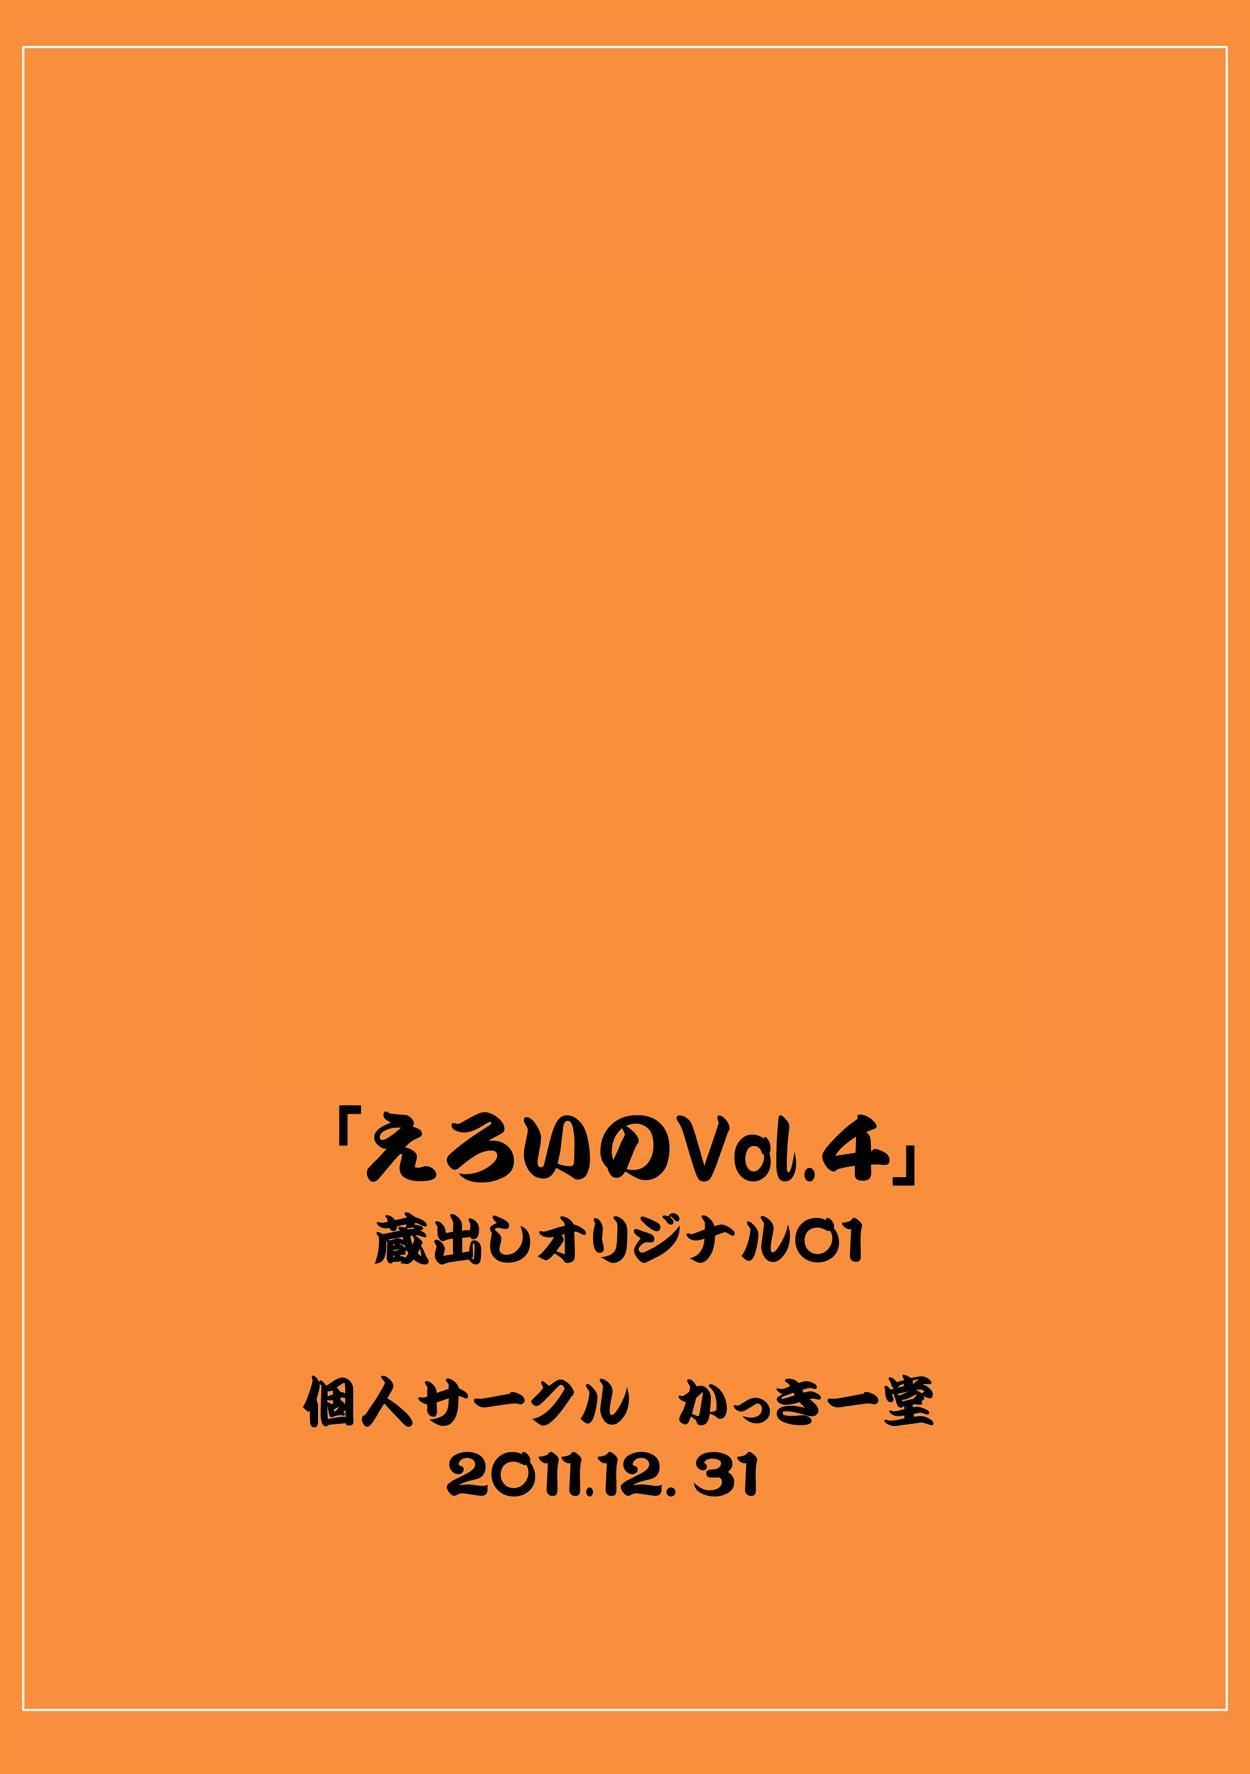 Eroi no Vol. 4 19